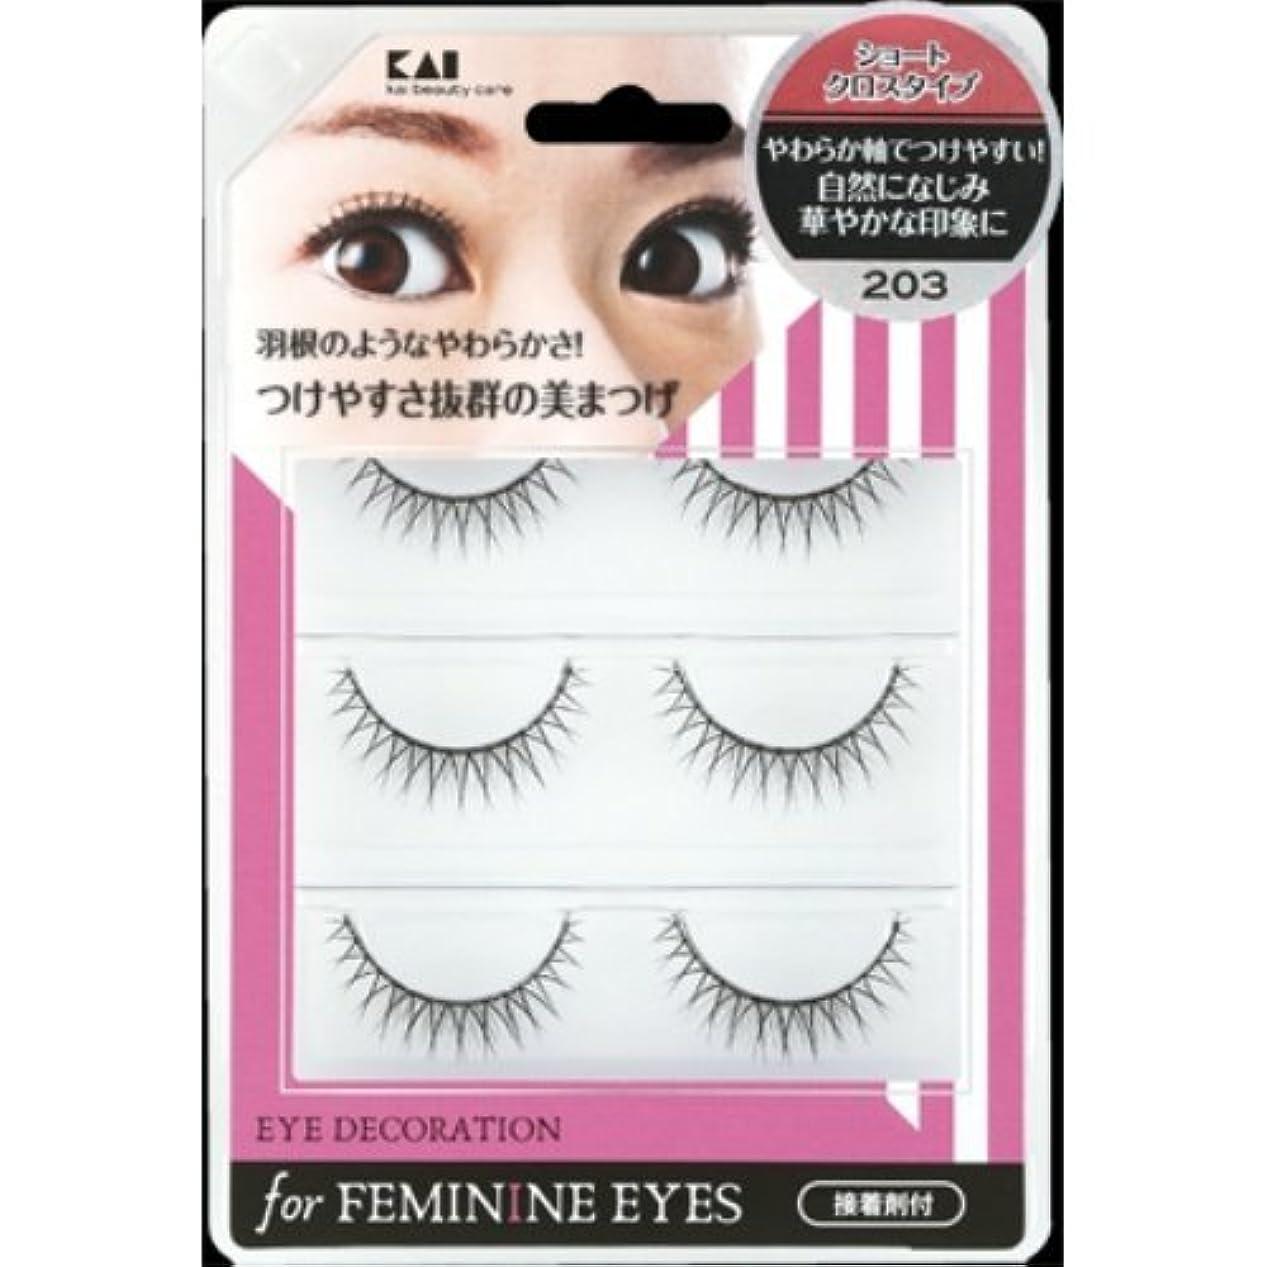 商標エイリアスナサニエル区貝印 アイデコレーション for feminine eyes 203 HC1560